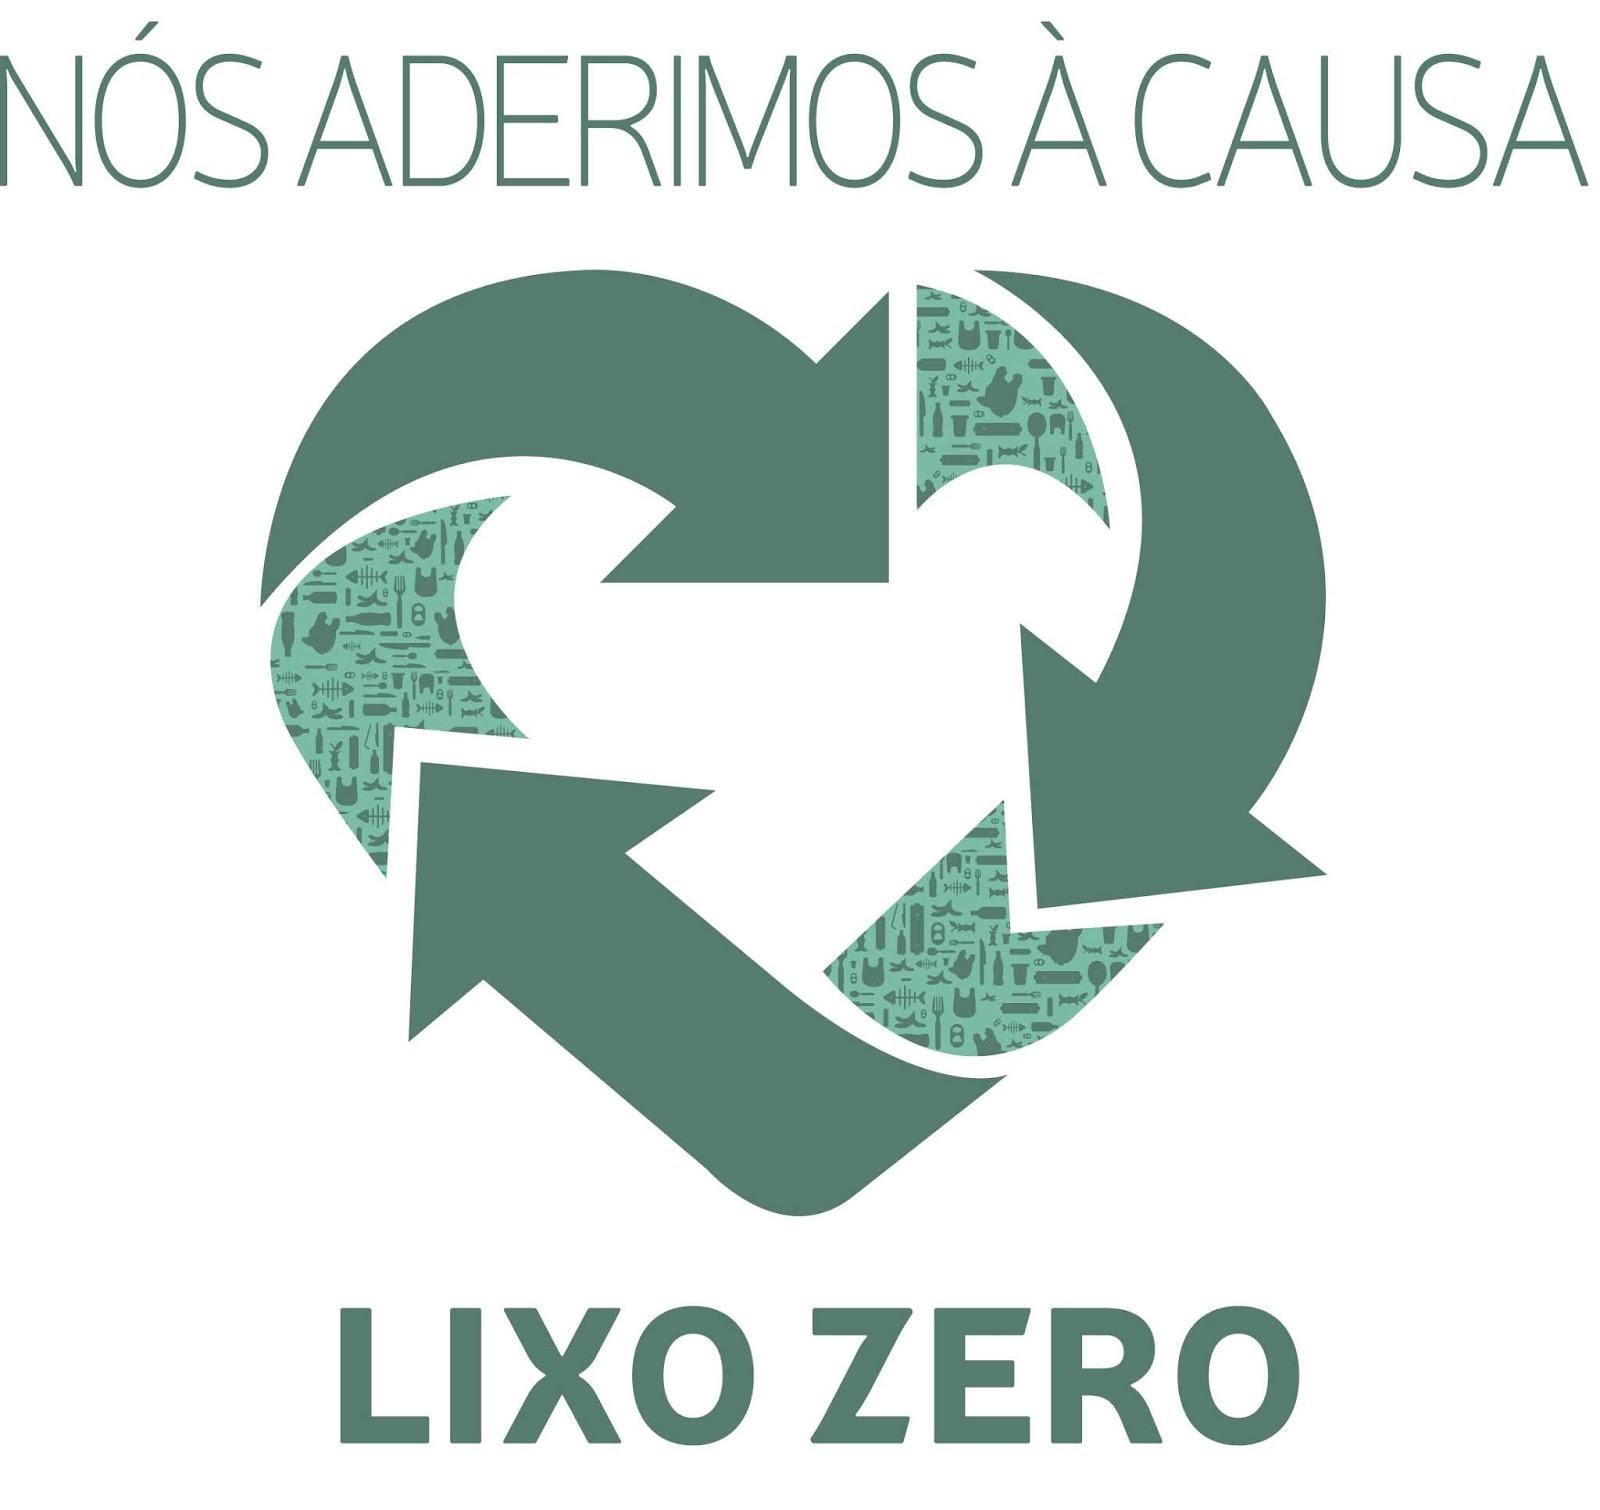 Lixo zero inspira minha cidade